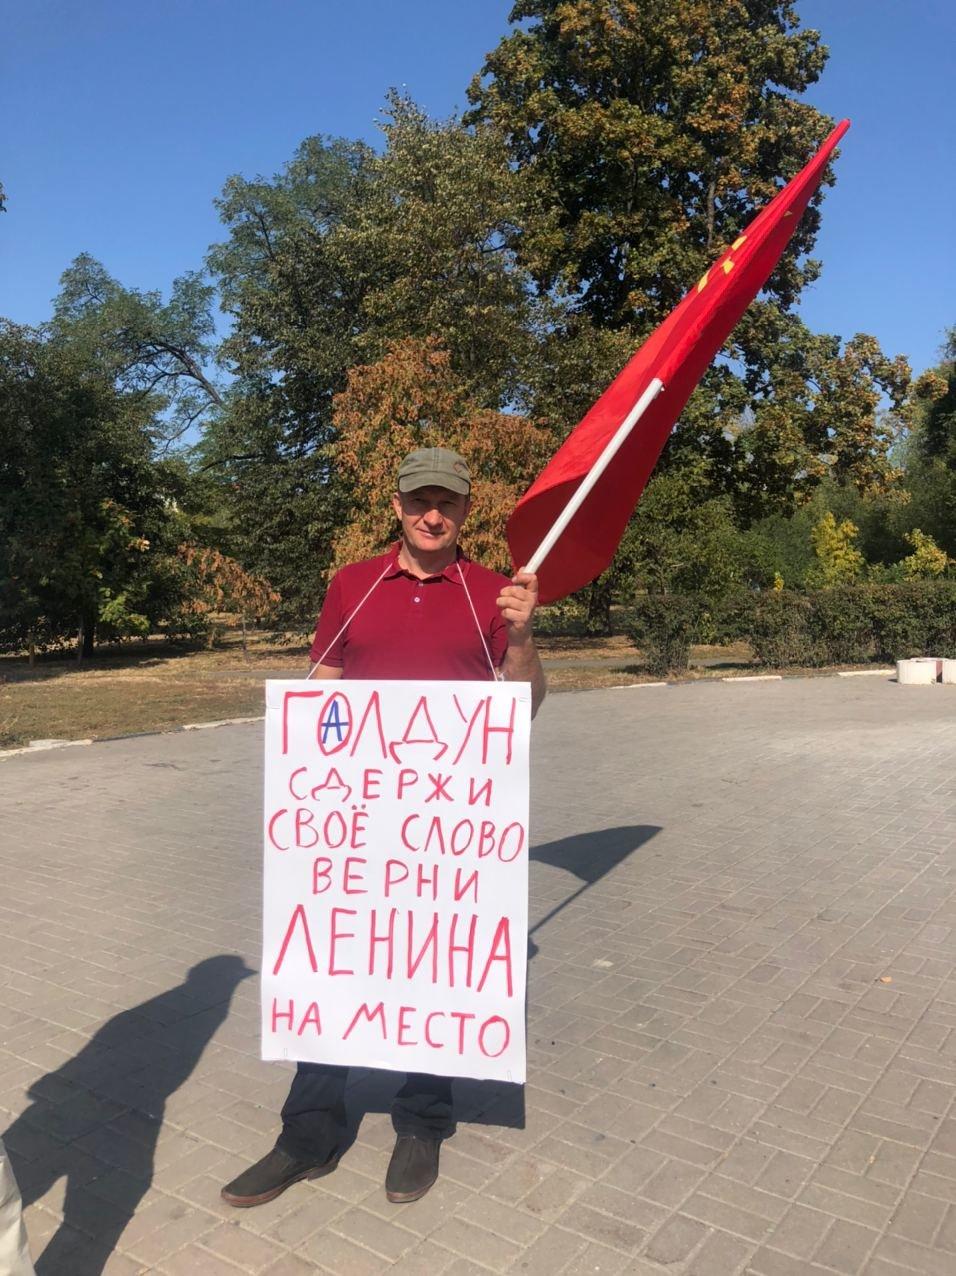 Мэр Белгорода ответил на обвинения комсомольцев во время их акции протеста, фото-2